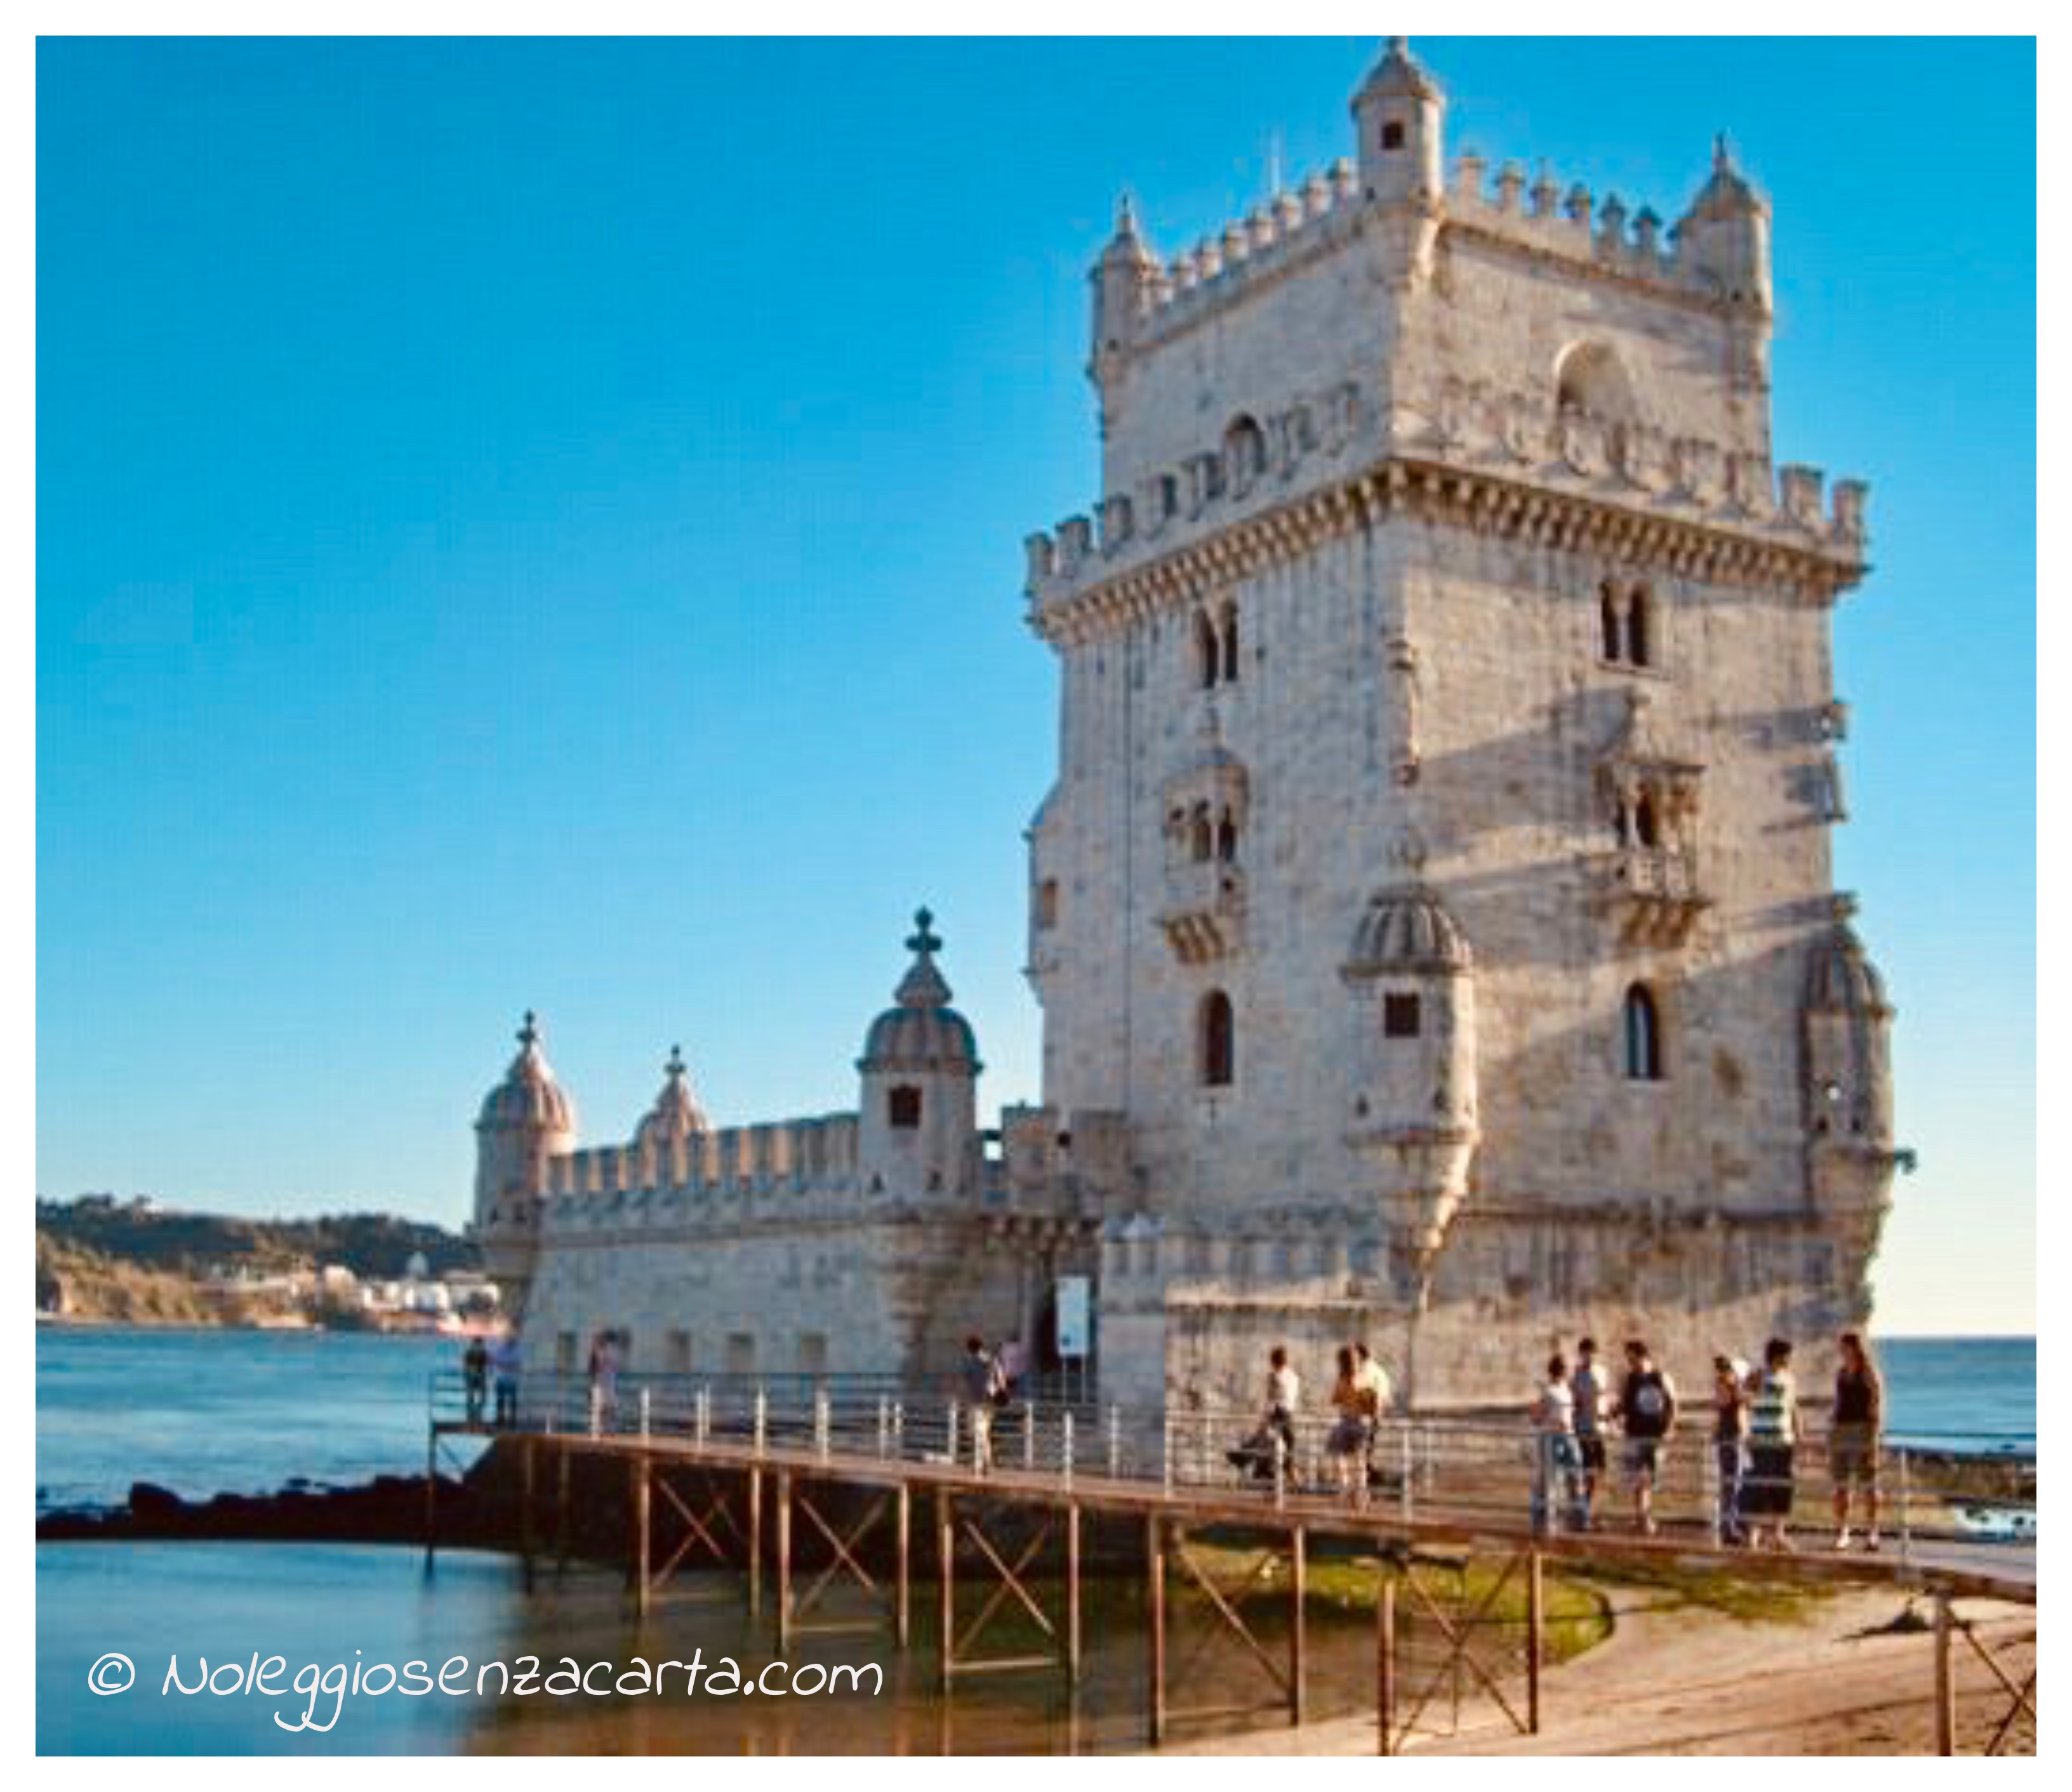 Noleggiare auto senza carta di credito in Portogallo – Lisbona